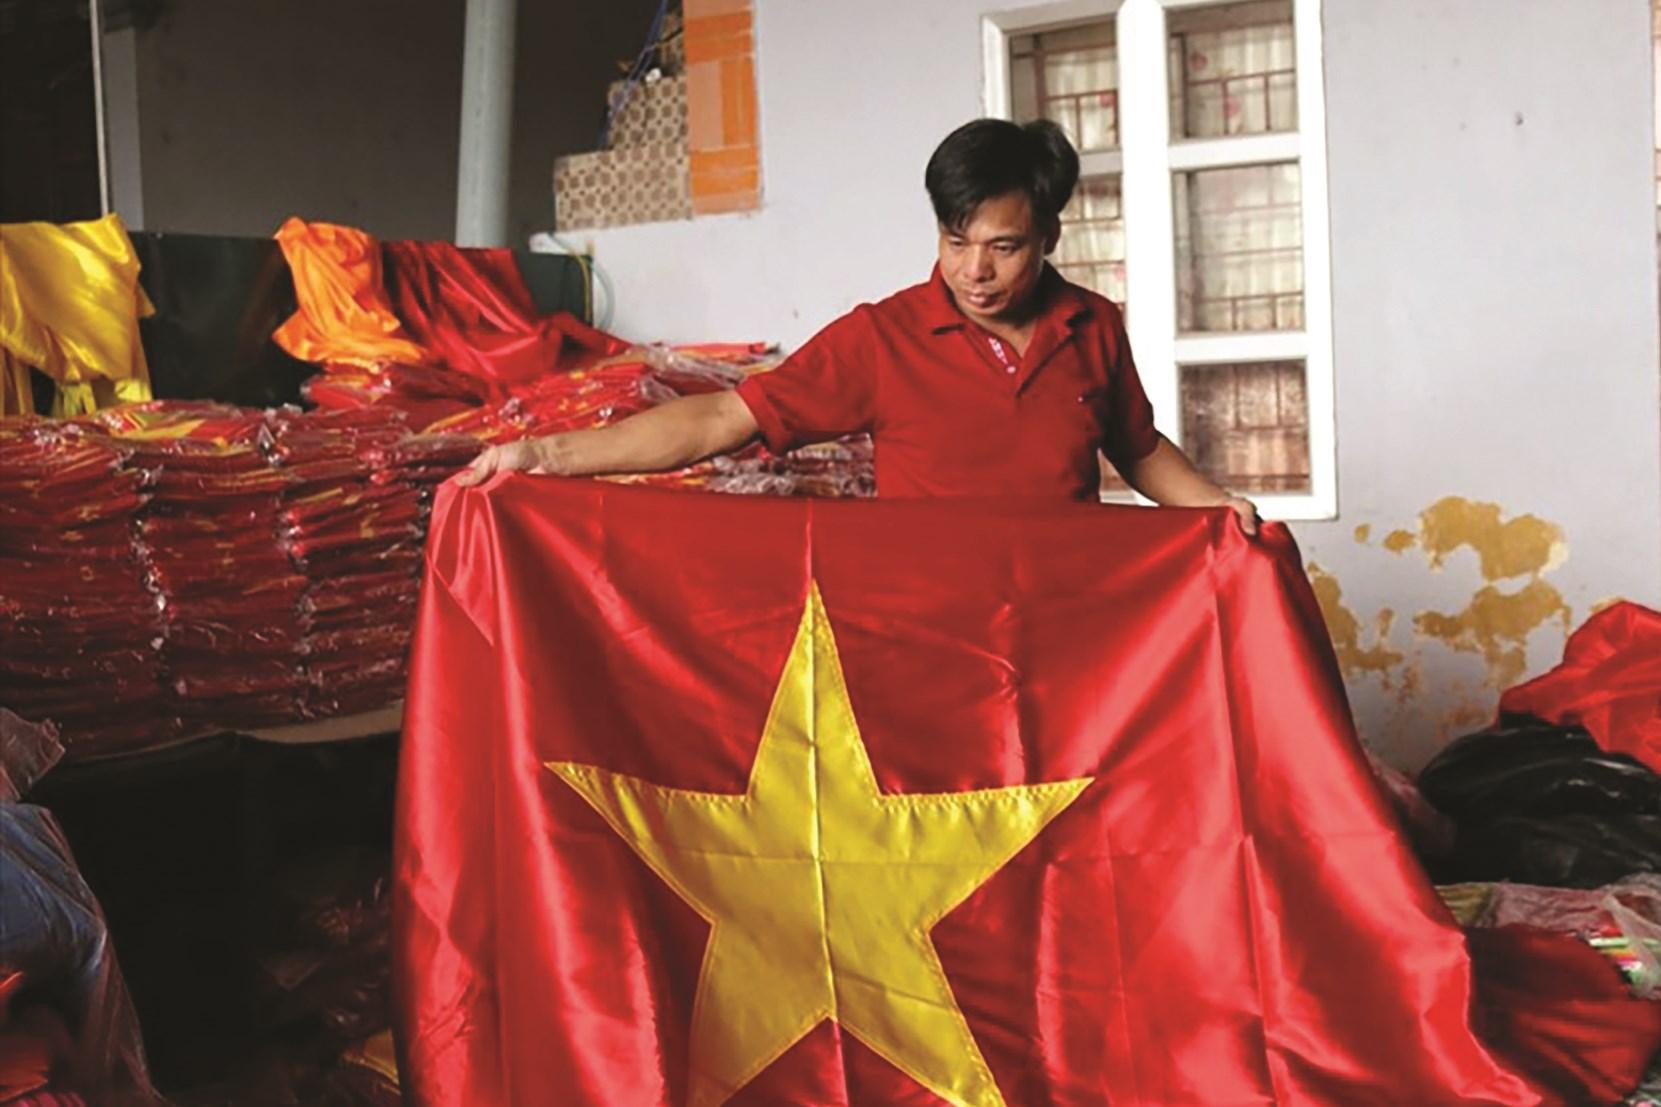 Anh Nguyễn Văn Phục (làng Từ Vân) kiểm tra lá cờ Tổ quốc sau khi vừa hoàn thiện sản phẩm